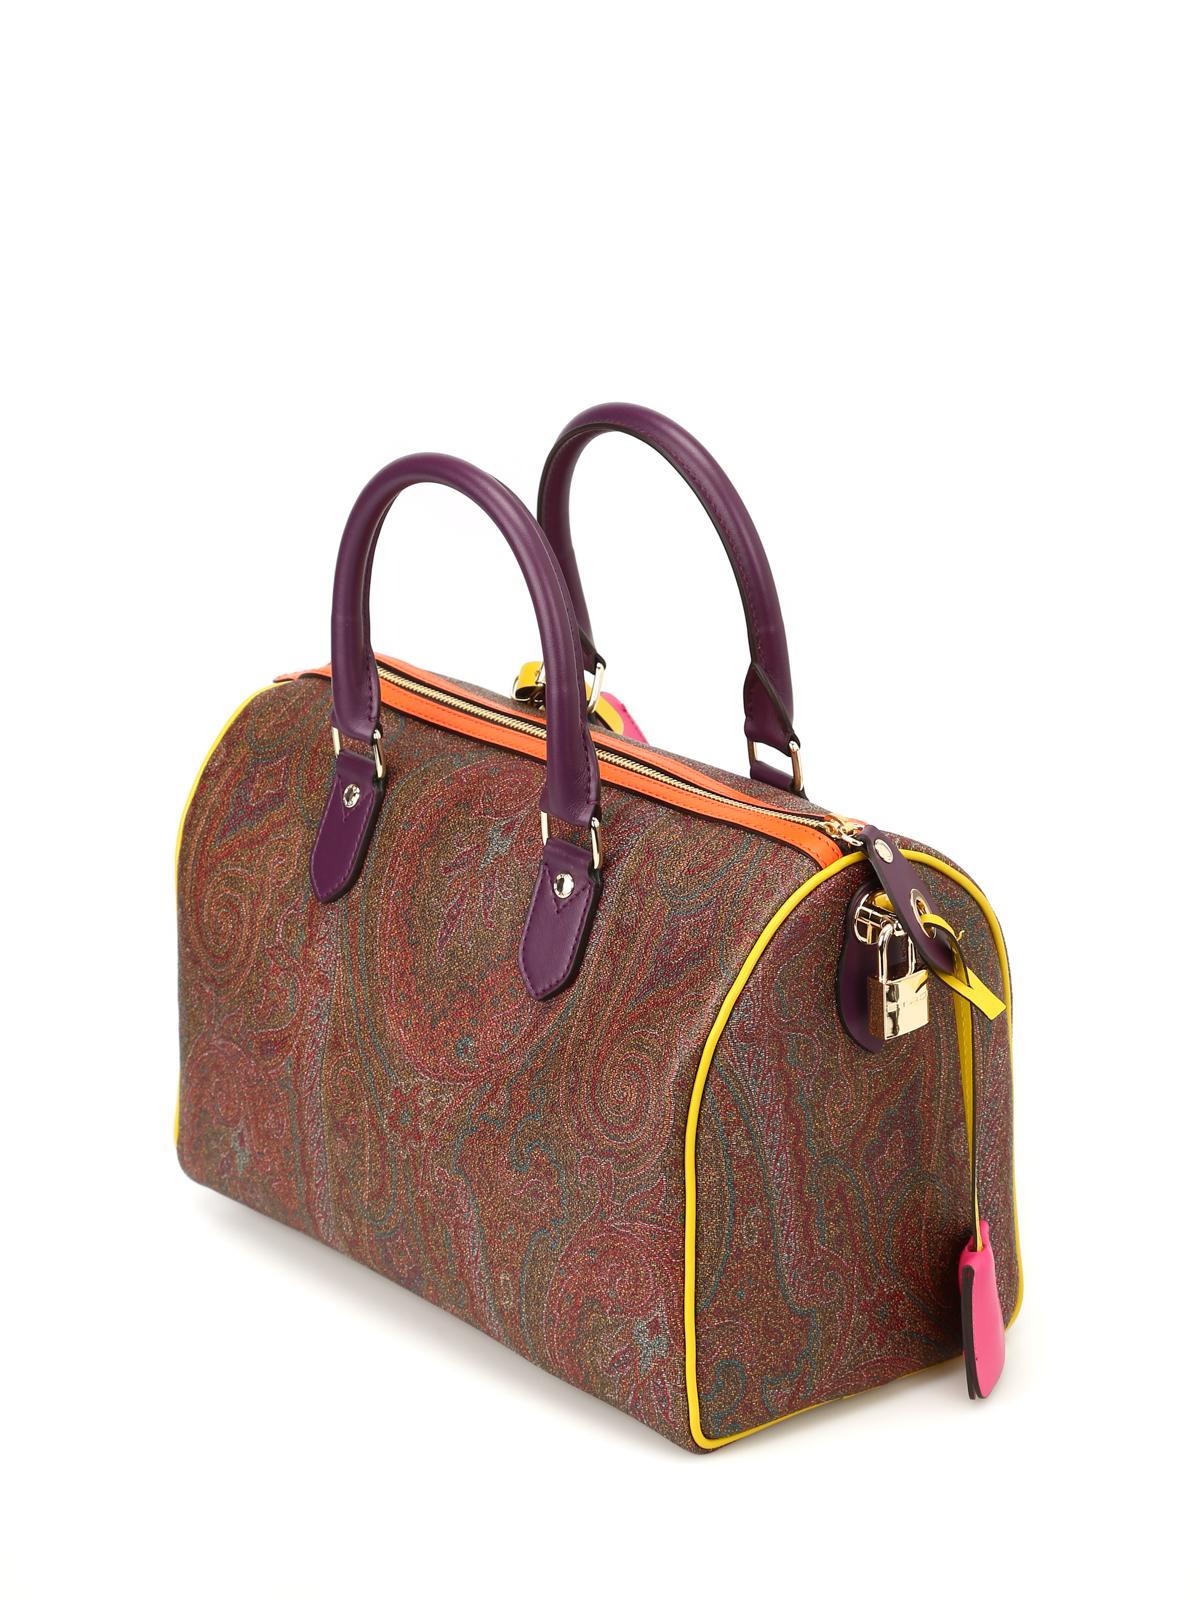 new product 2b0a9 74240 Etro - Bauletto Paisley con bordi colorati - bauletti ...